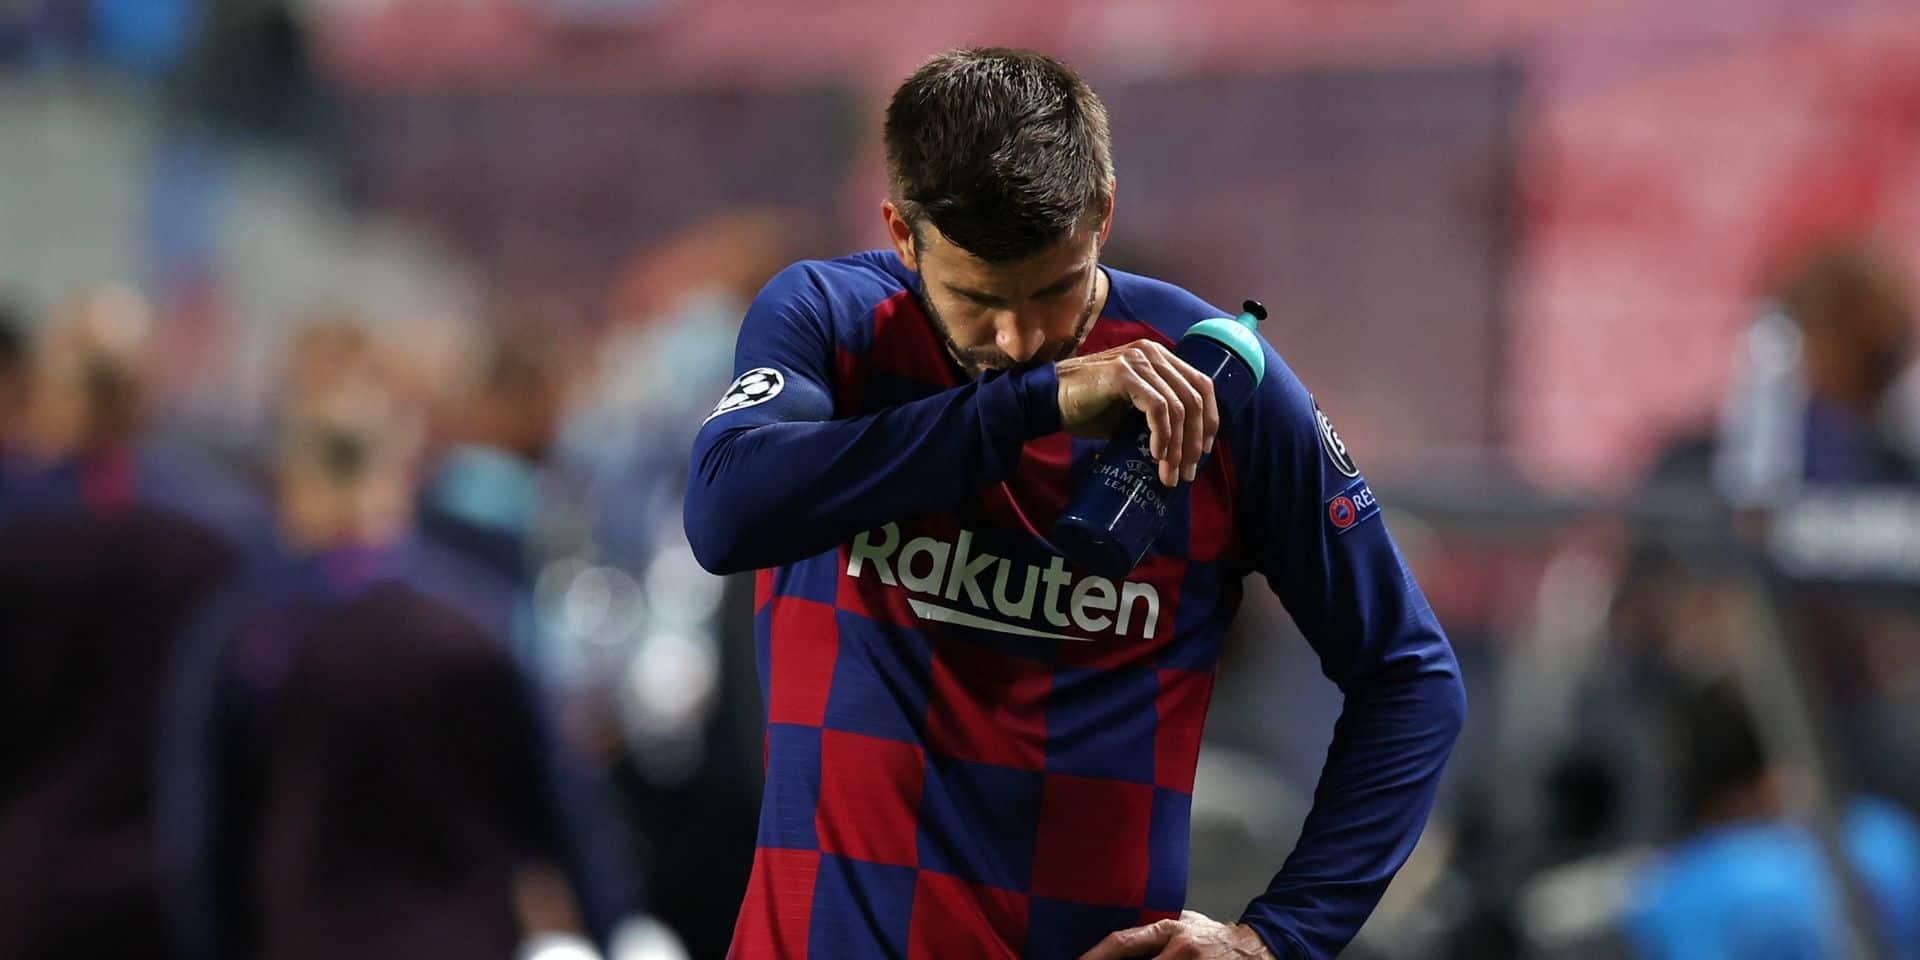 """Piqué amer après la raclée face au Bayern: """"Le club a besoin de changements"""""""